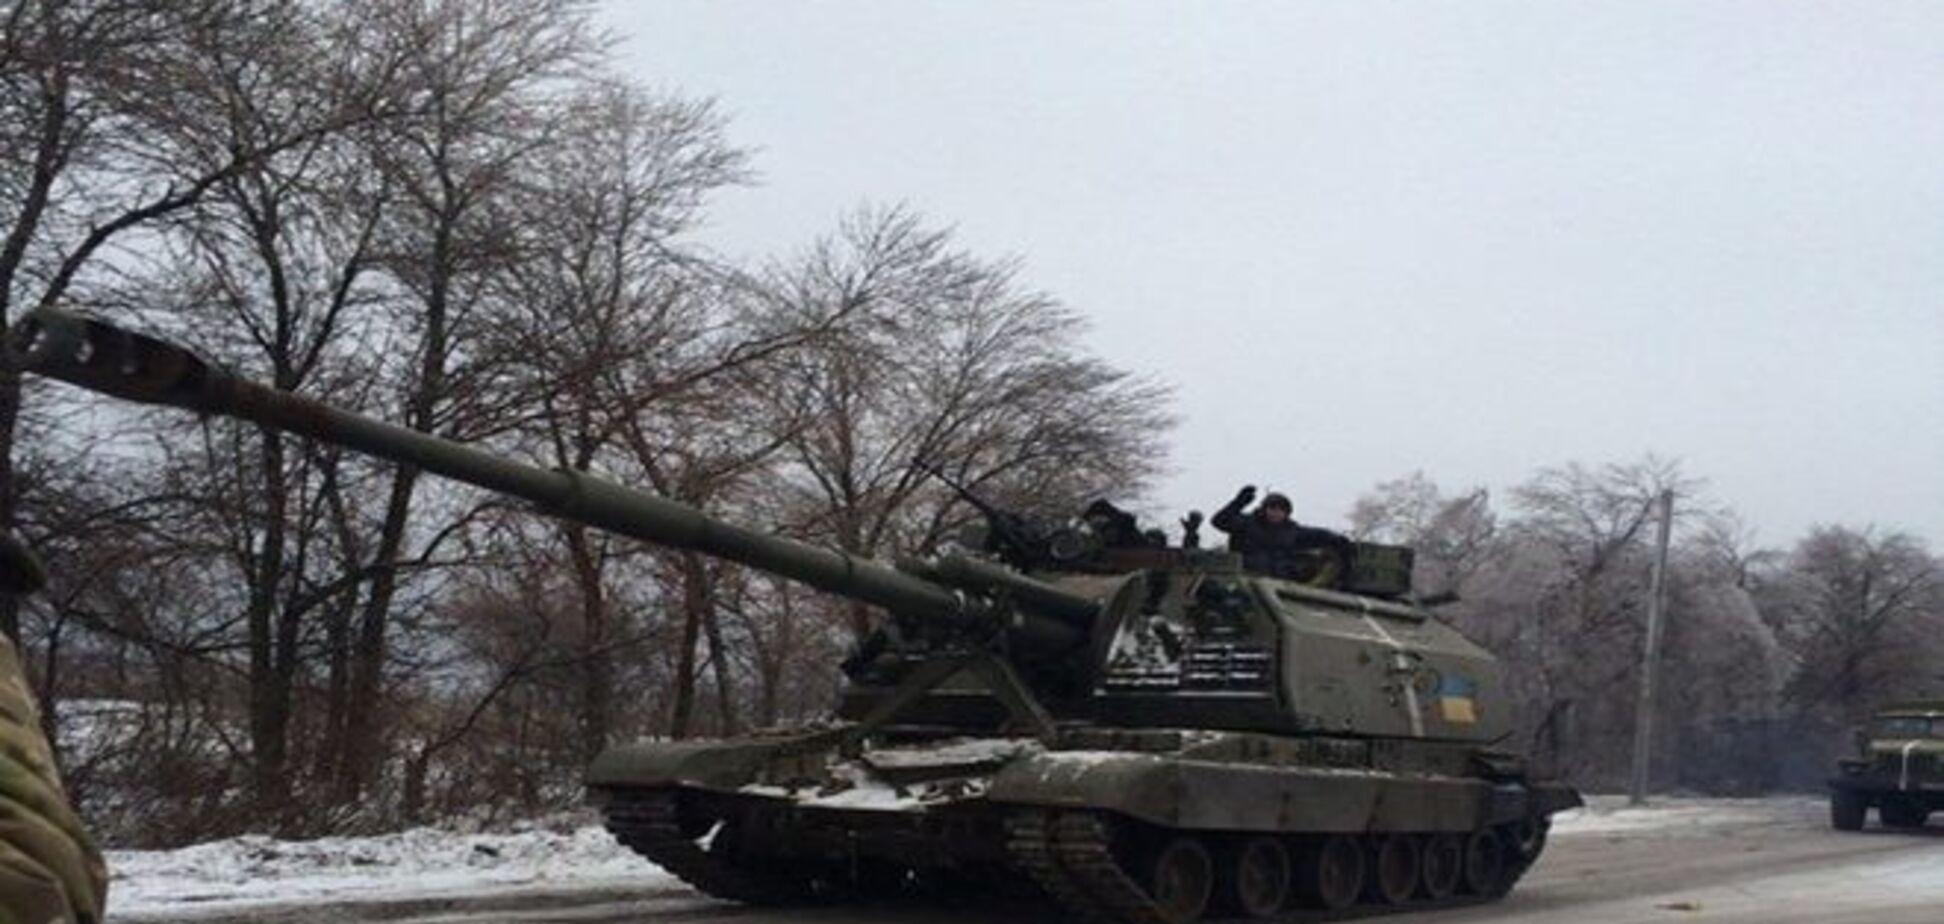 Украинский боец сообщил о прибывшем подкреплении в район Дебальцево